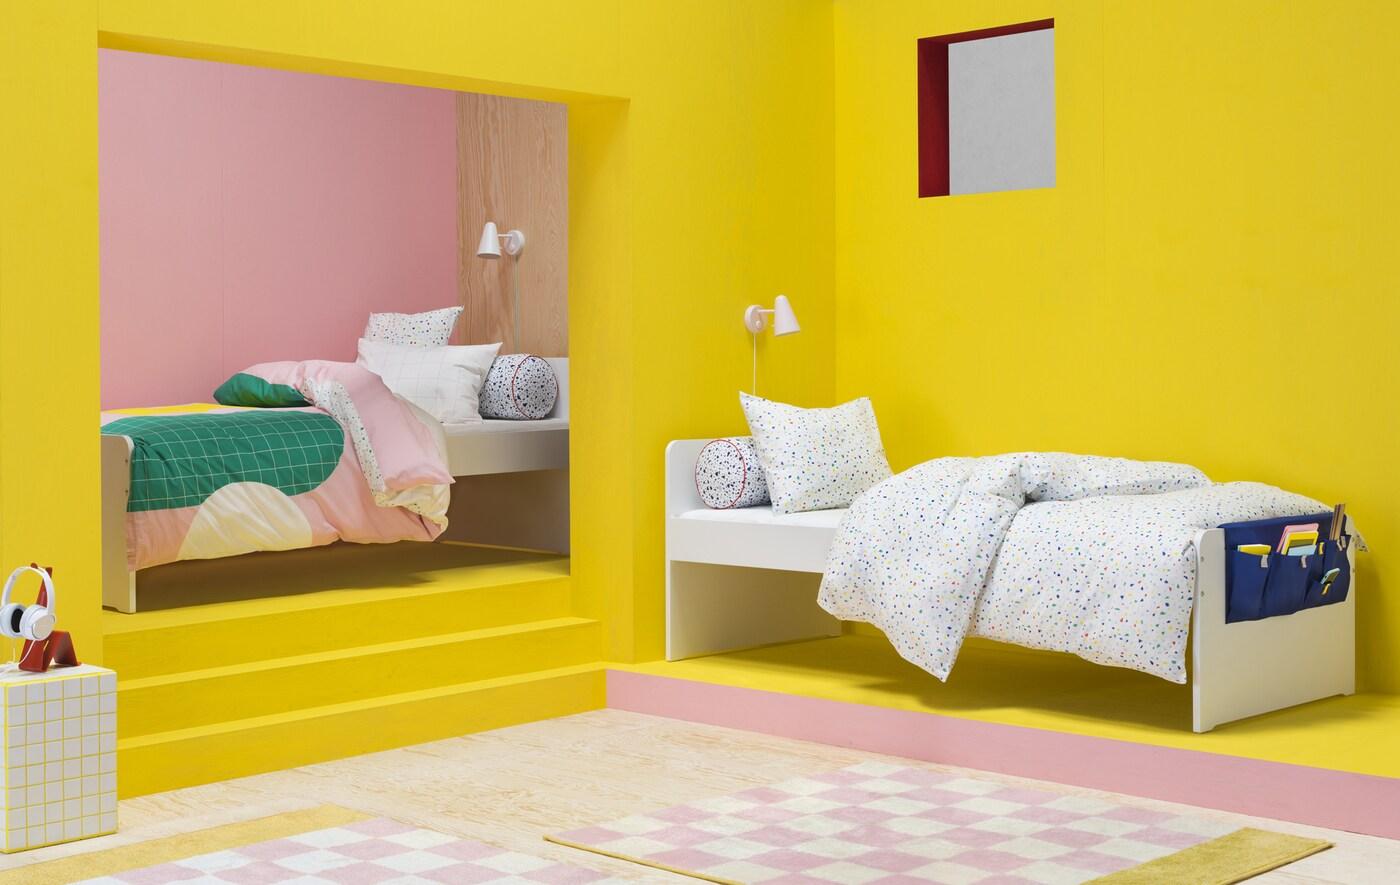 Gelbes Jugendzimmer mit zwei Einzelbetten und bunter Bettwäsche